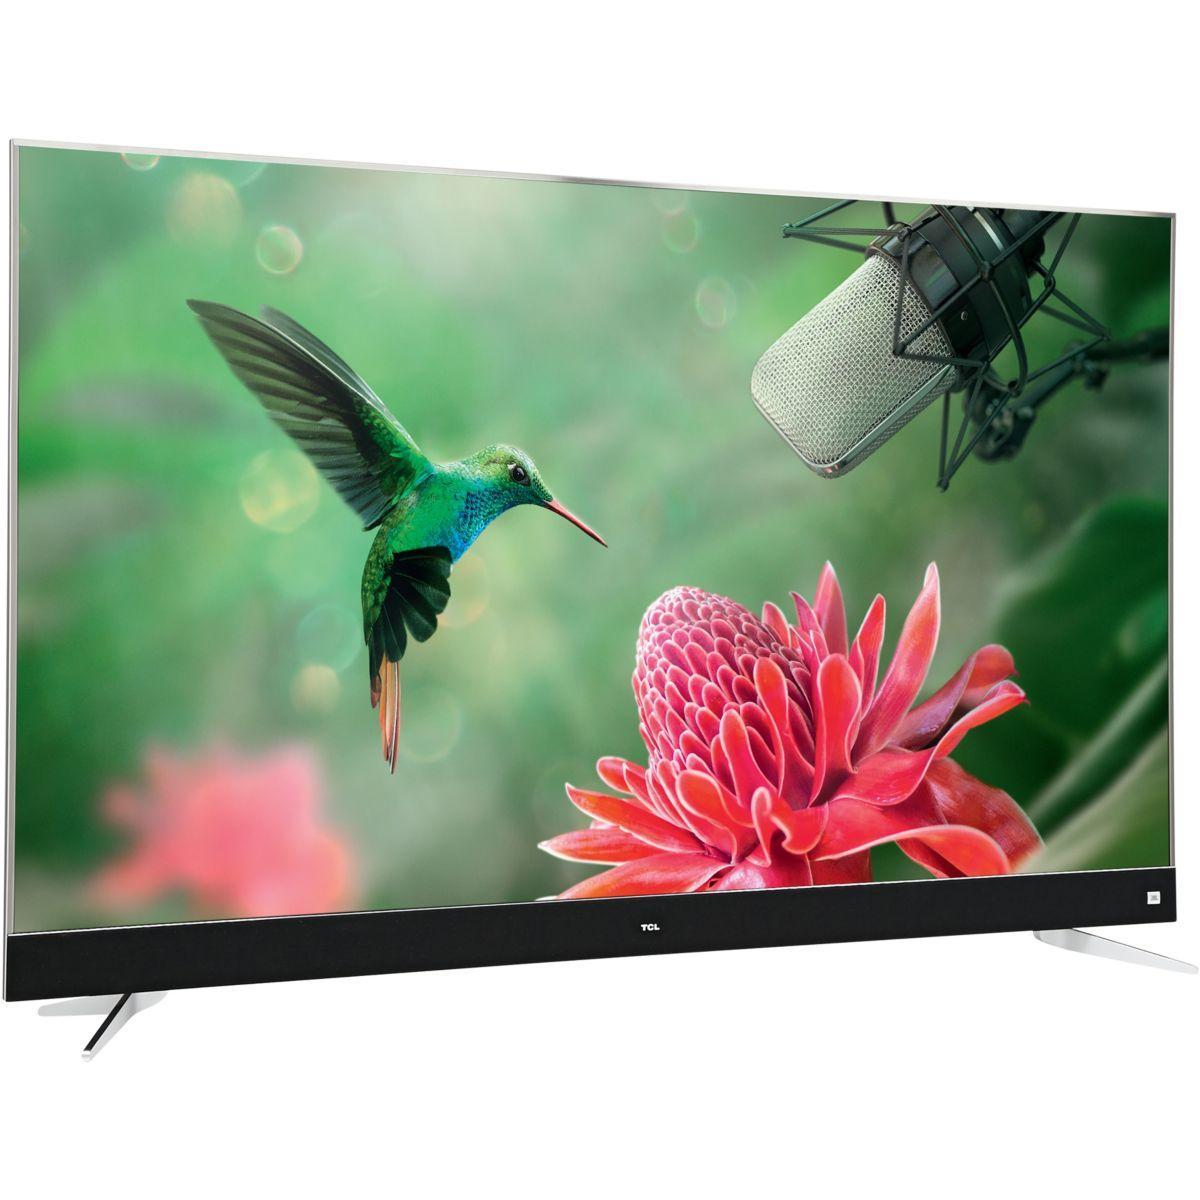 """TV 55"""" TCL U55C7006 - 4K UHD, HDR, 100Hz, Android TV + Système audio JBL  + Télécommande Vocale TCL RC602S (via ODR de 300€)"""